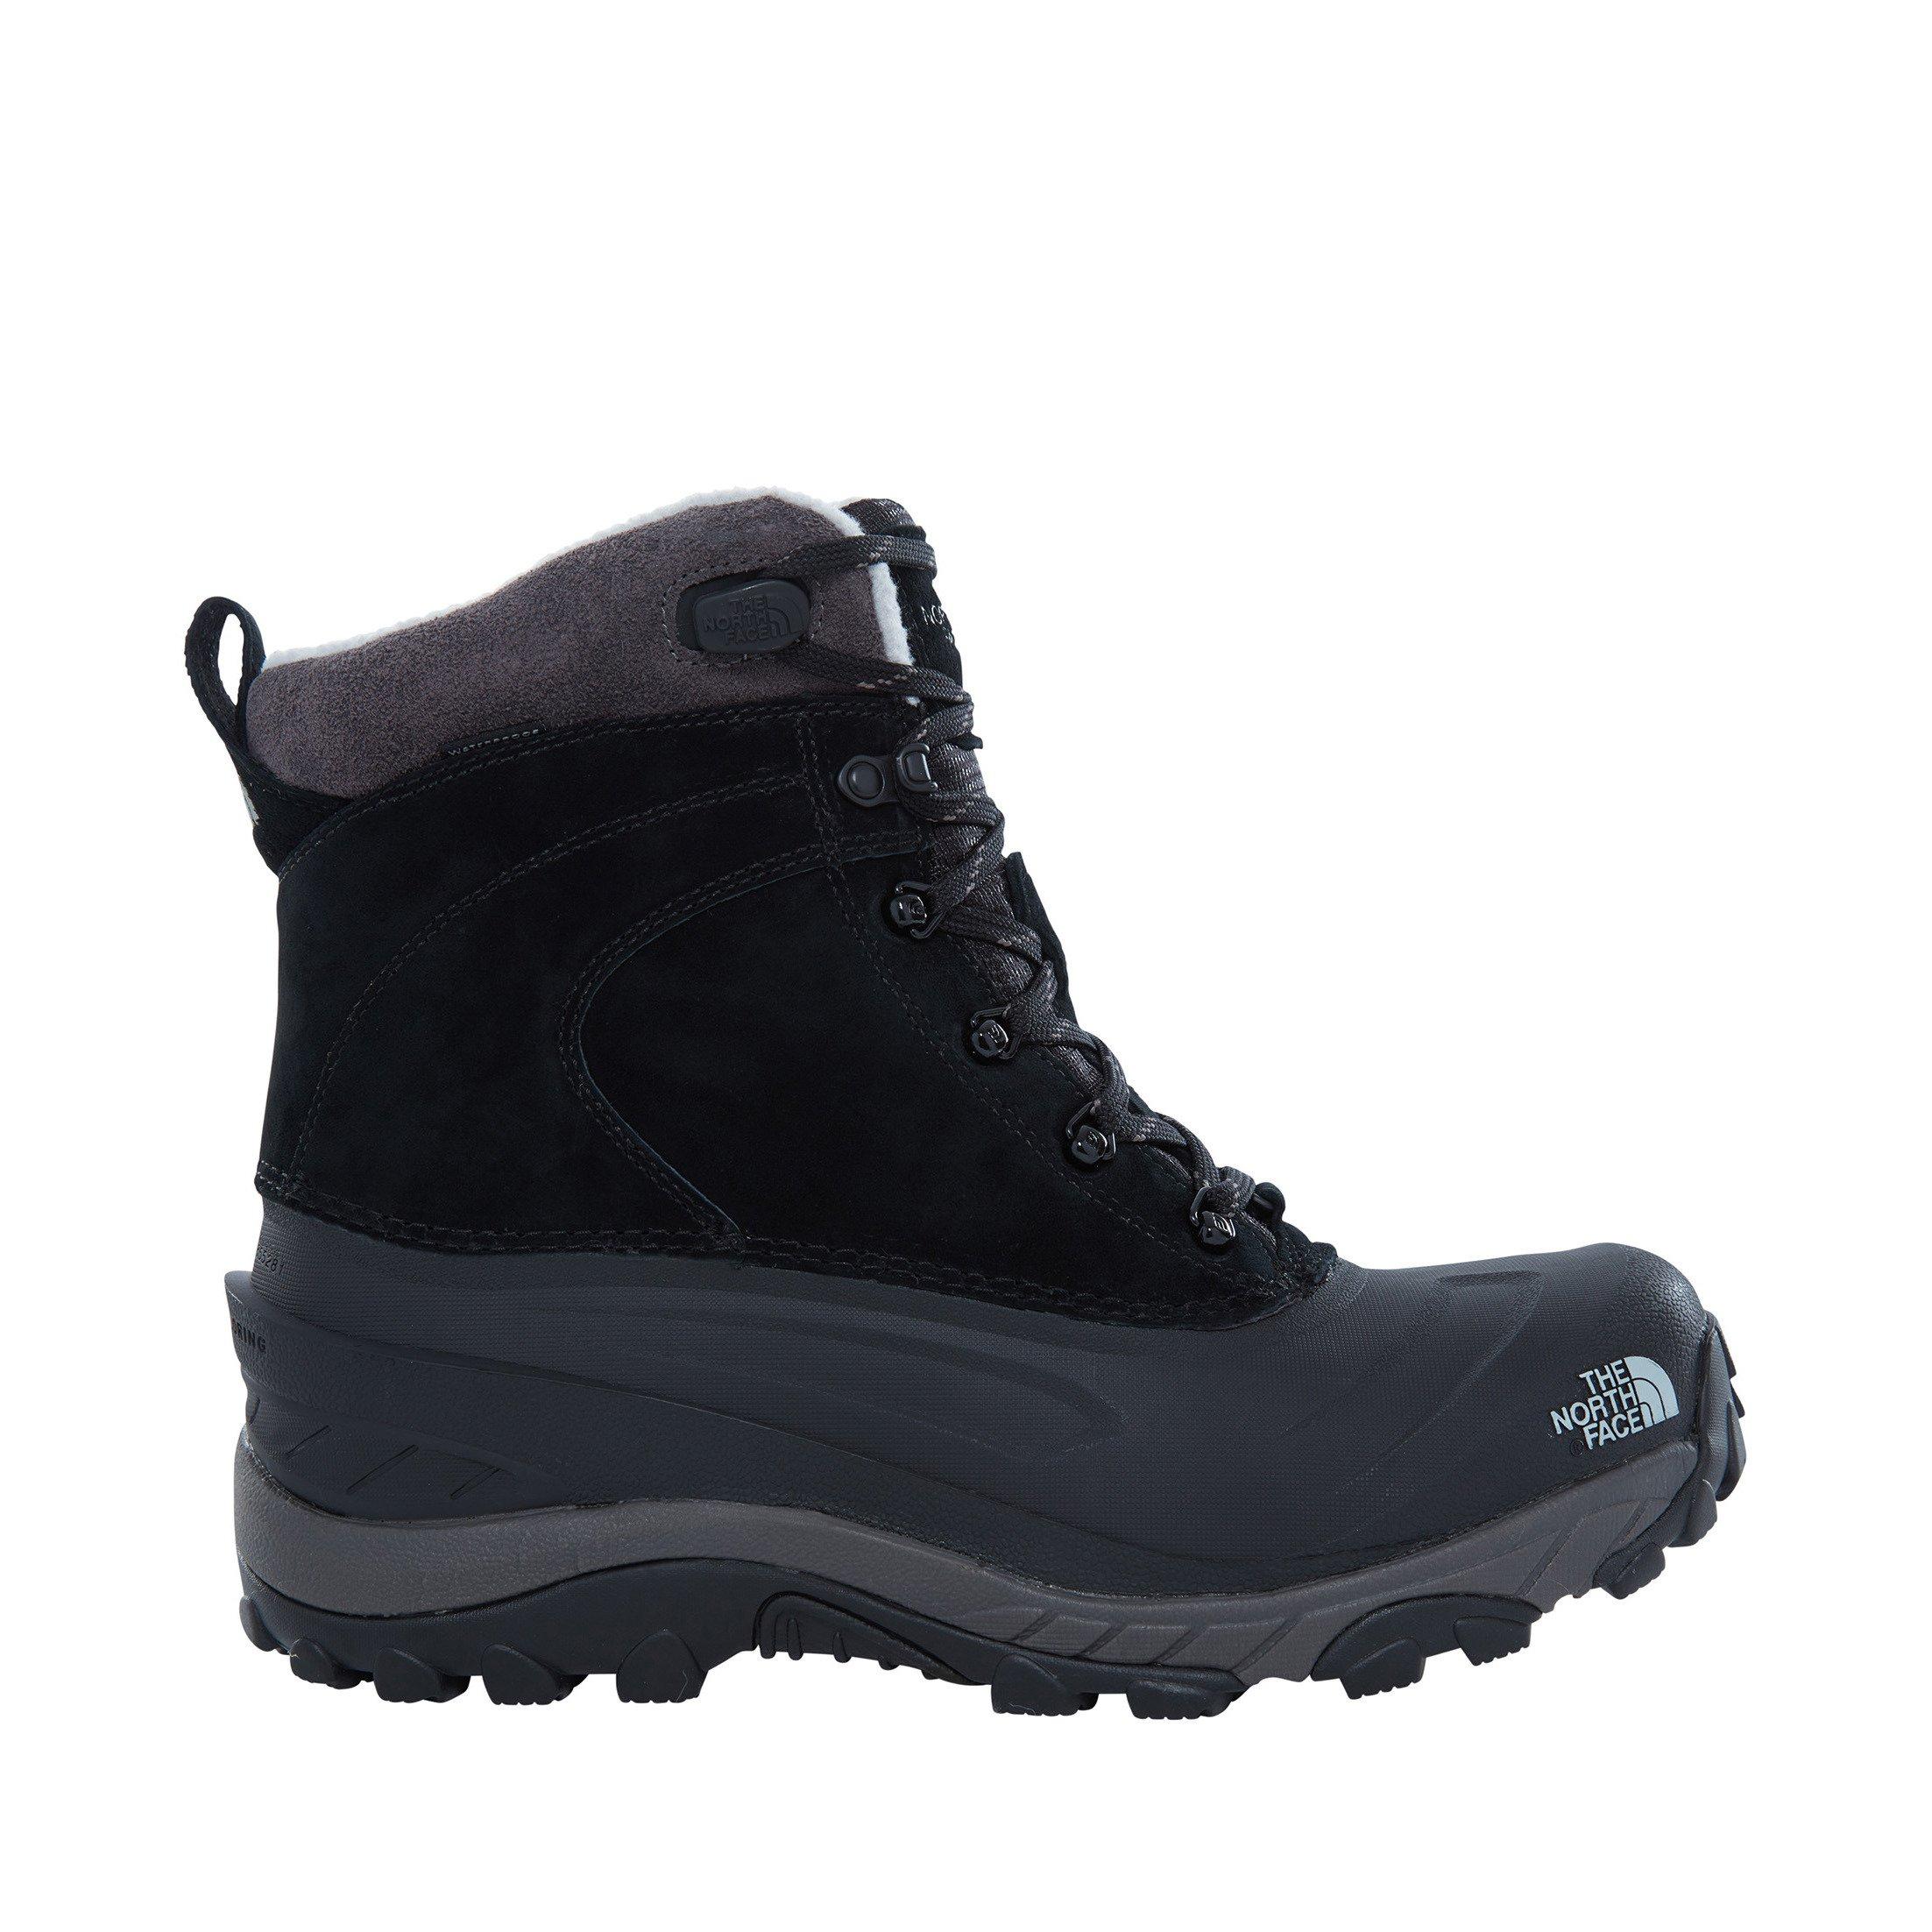 d58100c3f062a Buty CHILKAT LACE III   buty \ męskie \ zimowe Wyprzedaż Zimy   TUTTU.pl